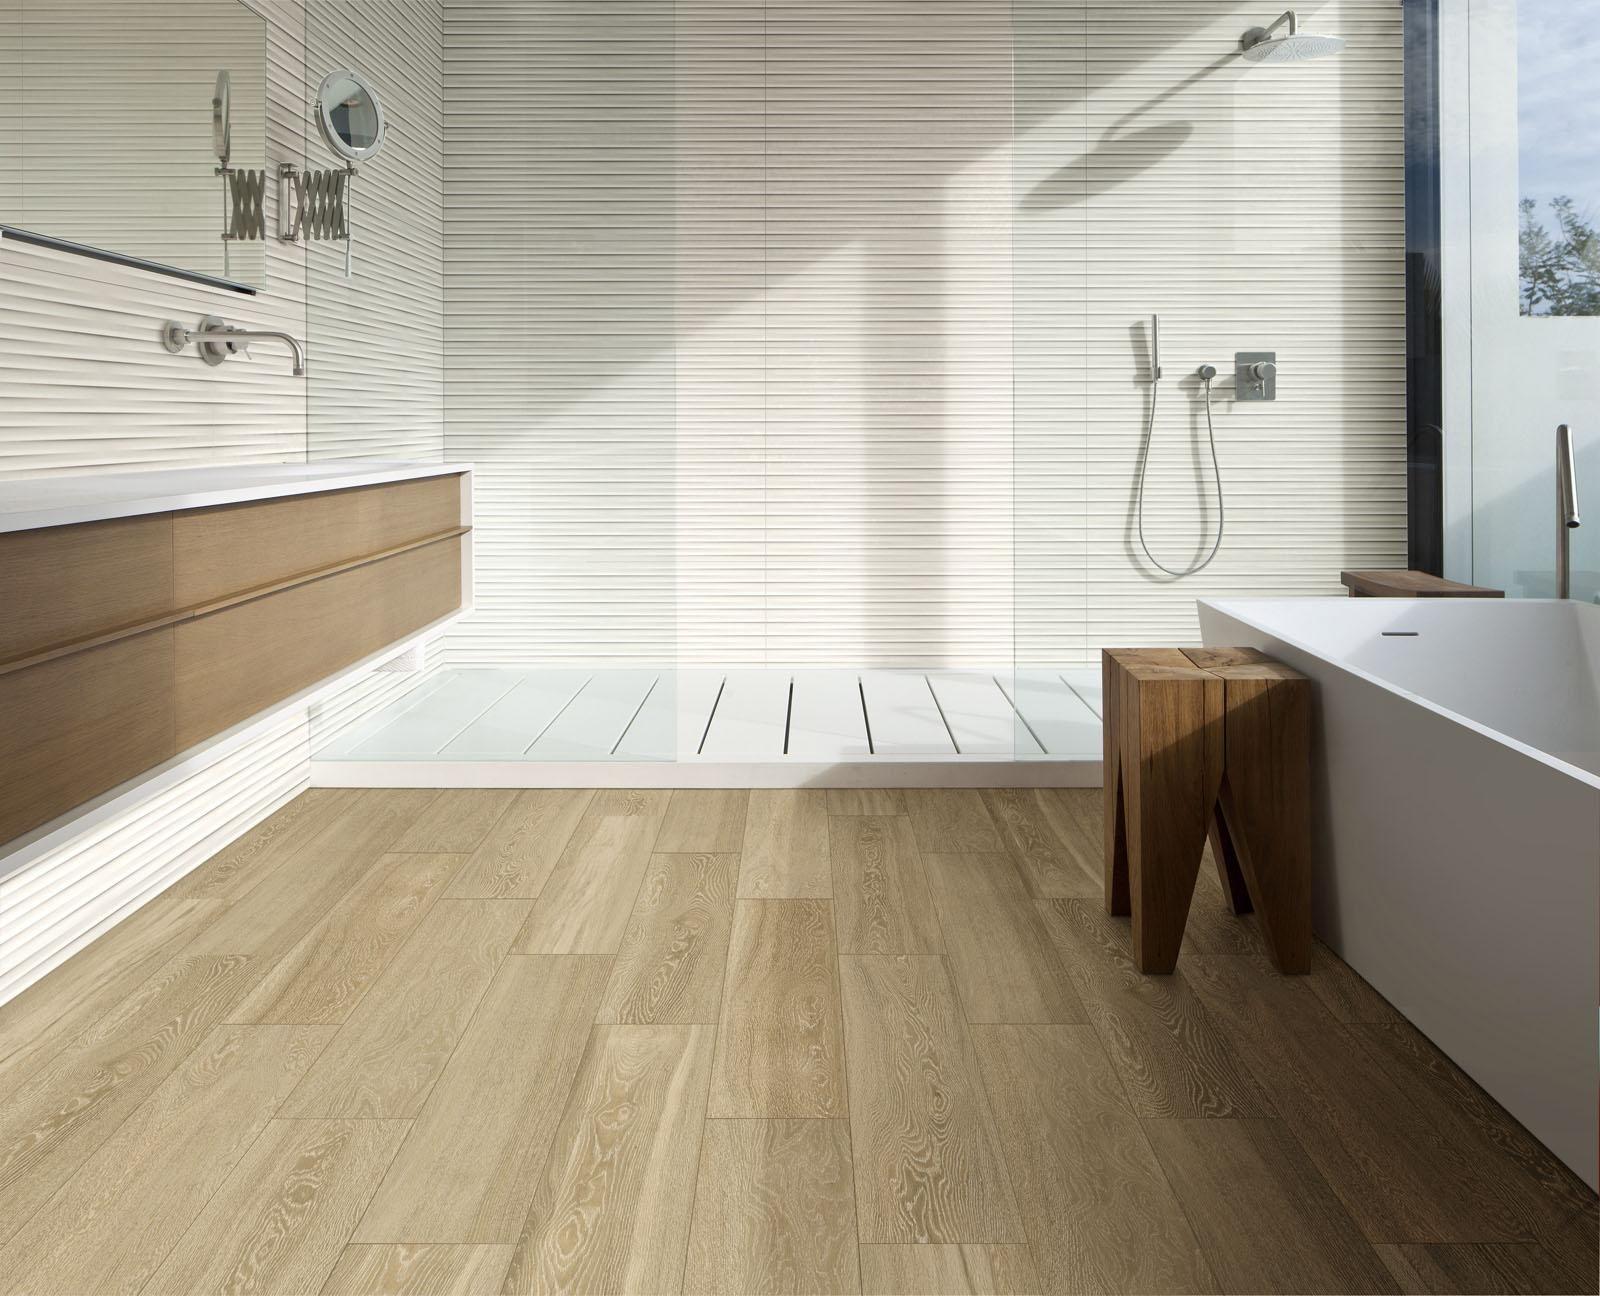 Treverkview - Wood Effect - Bathroom | Déco salle de bain en ...